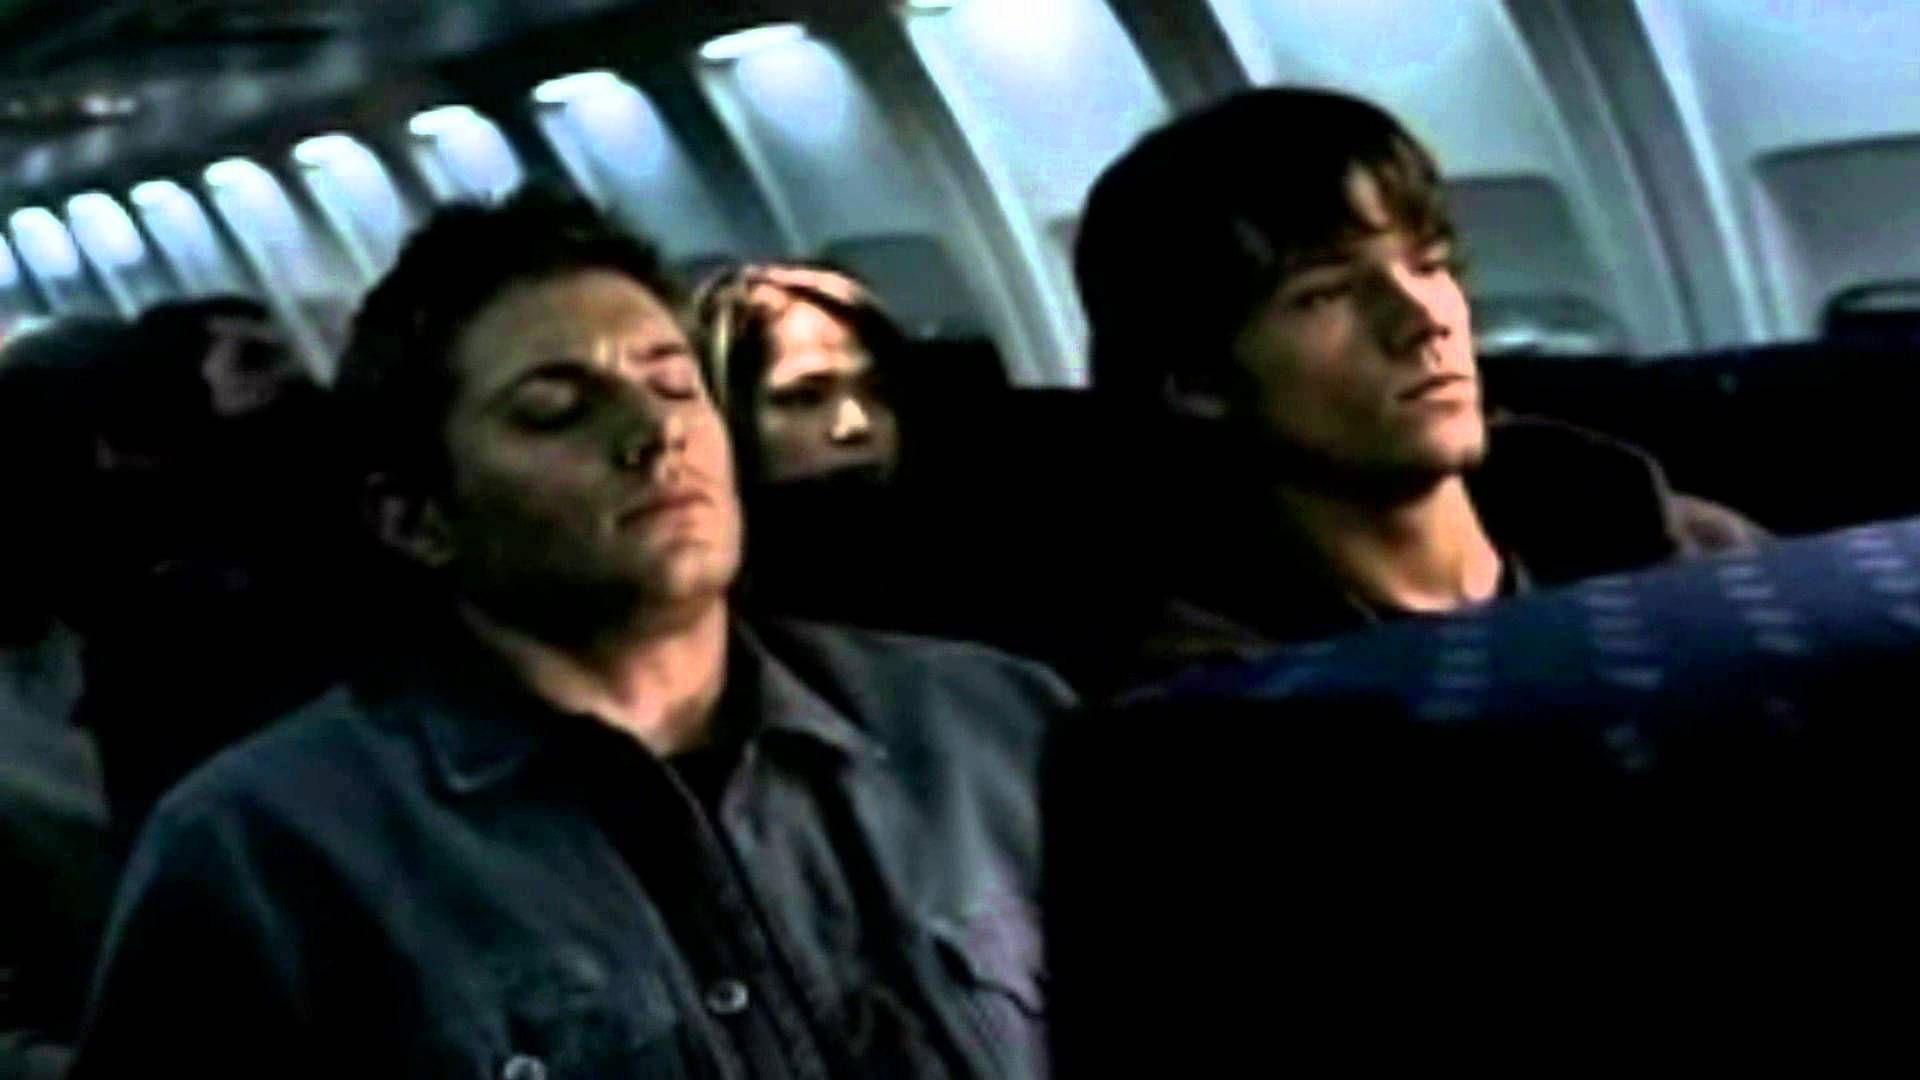 Phantom Traveler - Fear of Flying